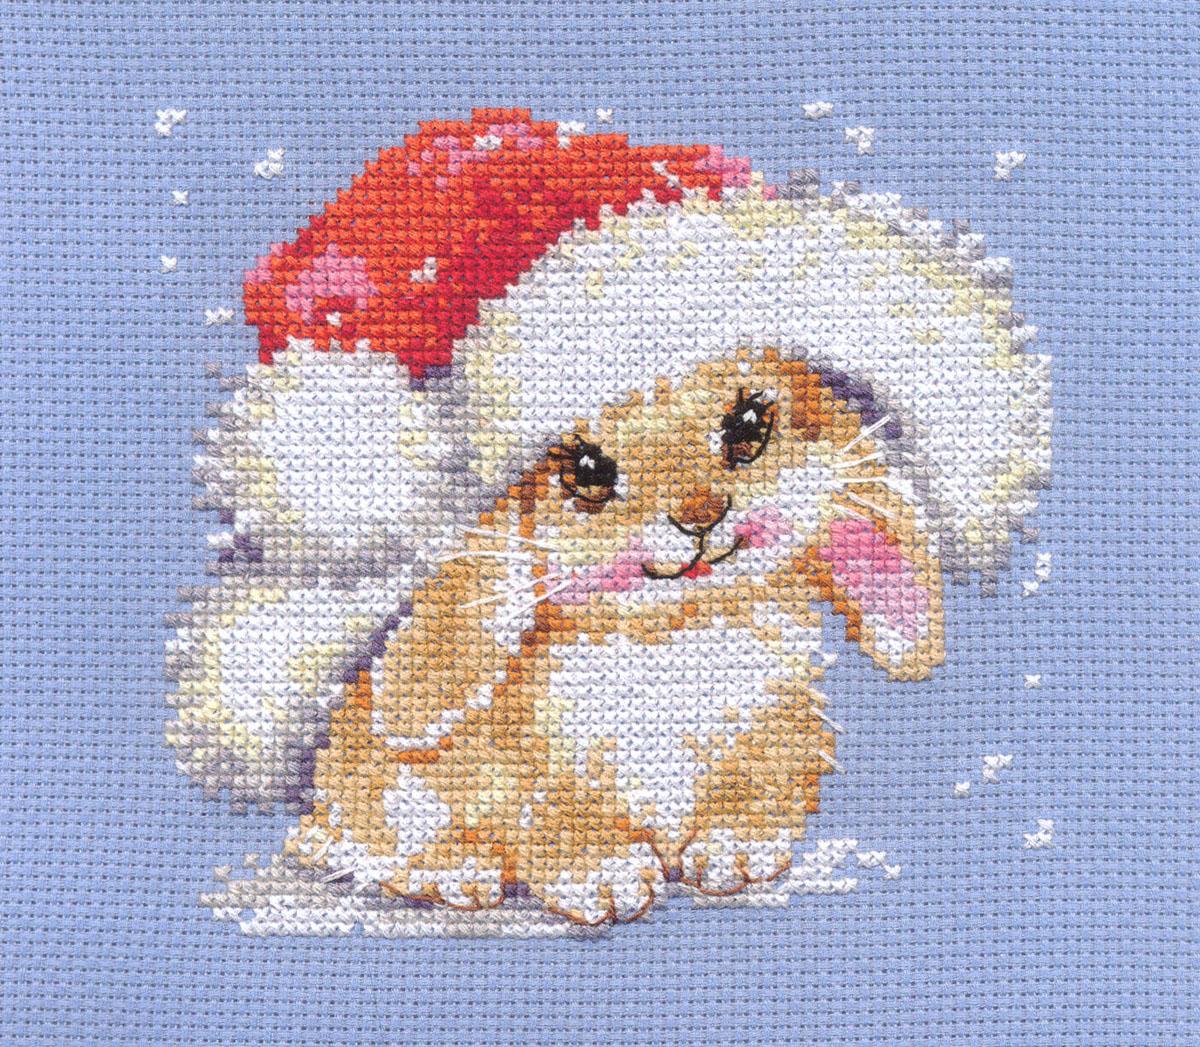 Набор для вышивания крестом Алиса Зимний зайчишка,12 см х 12 см661172Набор для вышивания крестиком Алиса Зимний зайчишка позволит вам создать собственными руками красивую картинку. Набор включает в себя все материалы, необходимые для работы: - канва Aida Gamma (21,5 см х 20,5 см); - нитки-мулине Gamma (14 цветов); - цветная схема; - игла Gamma; - инструкция. Красивый и стильный рисунок-вышивка выглядит оригинально и всегда модно. Работа, сделанная своими руками, создаст особый уют и атмосферу в доме, и долгие годы будет радовать ваших близких.